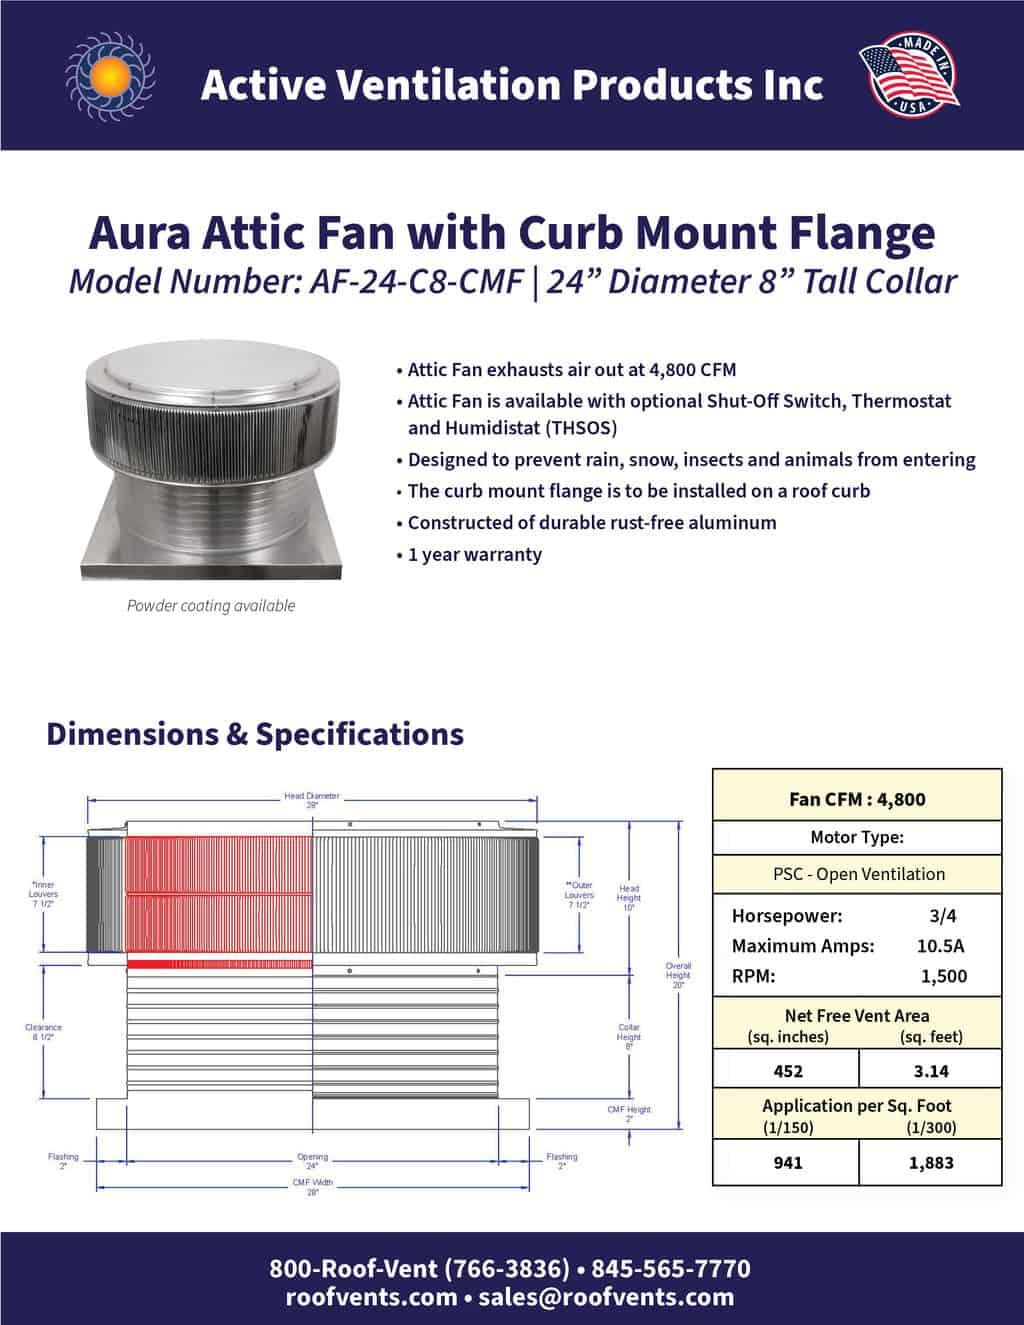 AF-24-C8-CMF-brochure An Exhaust Attic Fan